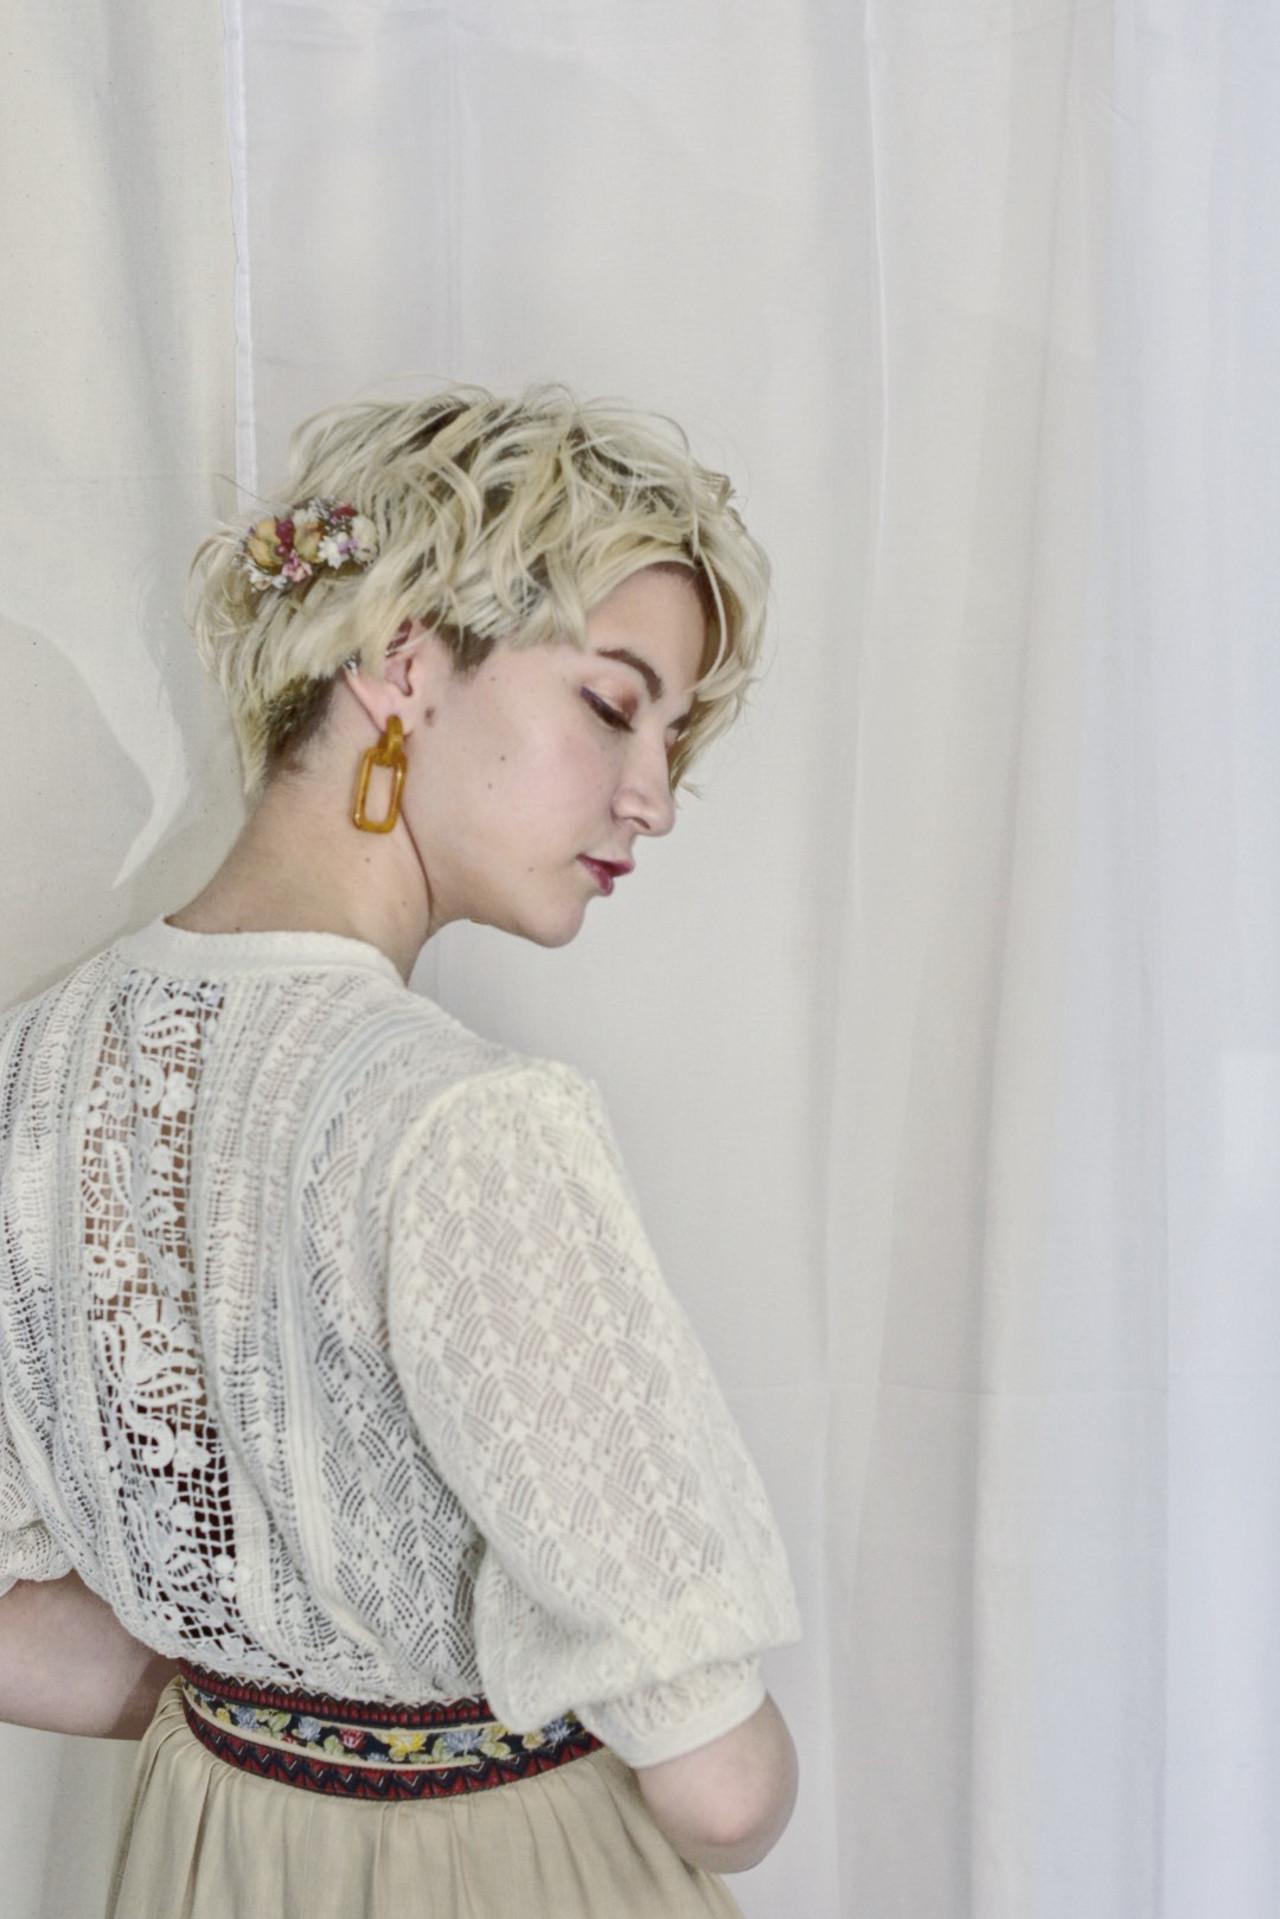 ハイトーン ホワイトブリーチ ブリーチカラー ショート ヘアスタイルや髪型の写真・画像